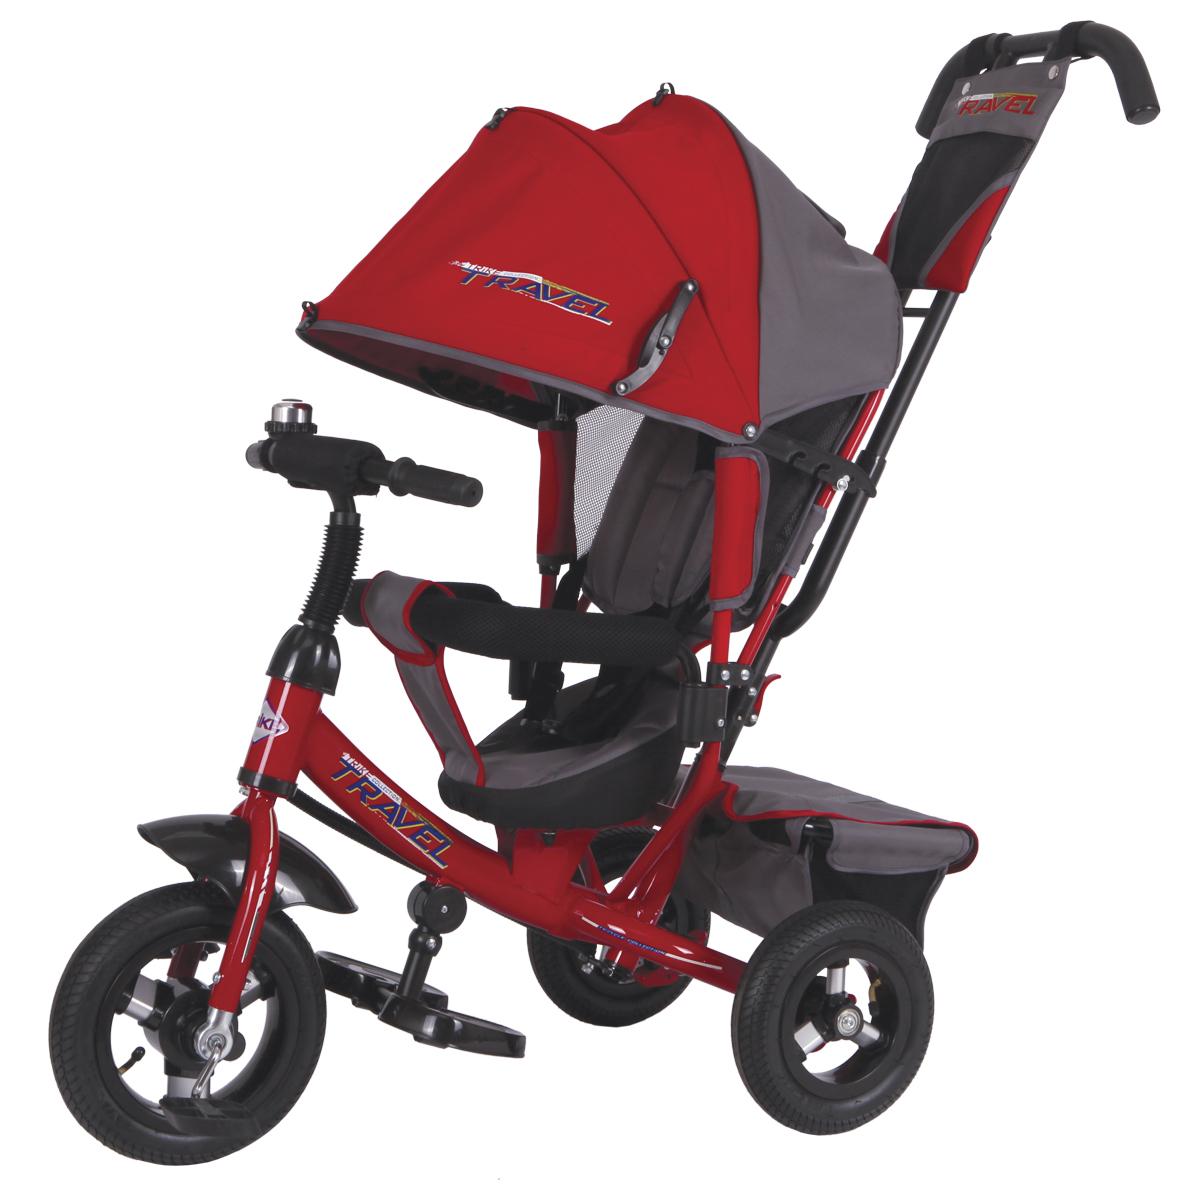 Travel Велосипед трехколесный цвет красный TTA2RTTA2RТрехколесный велосипед Travel подойдет для малышей, которые только осваивают этот вид транспорта. Катание на велосипеде положительно влияет на физическую форму ребенка и улучшает координацию движений. Данная модель детского велосипеда имеет съемную крышу, которая регулируется по высоте. Руль также изменяется по высоте. В этой модели предусмотрена подставка для ножек ребенка. Ребенок может держаться как за руль так и за специальный бортик, обитый мягкой тканью, который поможет ему удержаться на месте.Свободный ход колеса поможет маме легко управляться с велосипедом на прогулке. В сумке велосипеда удобно носить с собой необходимые на прогулке детские вещи. В конструкции велосипеда предусмотрен тормоз и наклон спинки сиденья.Надувные шины 10 и 8 в диаметре.